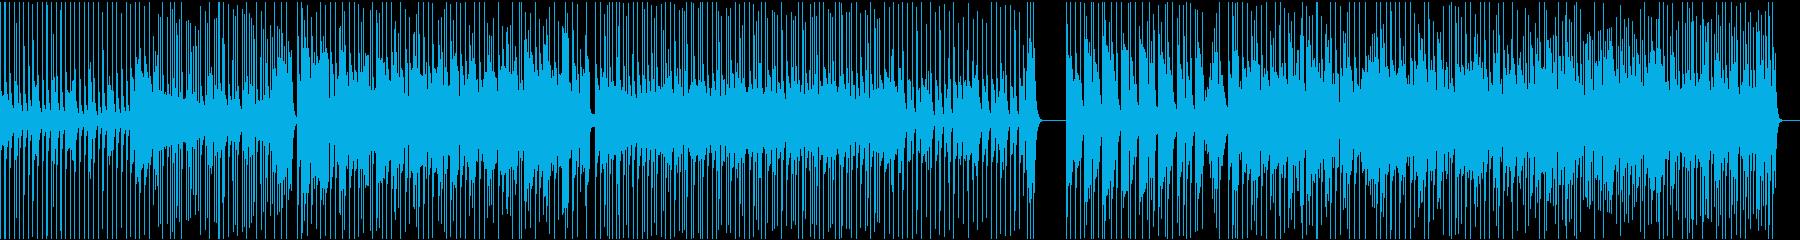 生録音ドラムフレーズその②の再生済みの波形